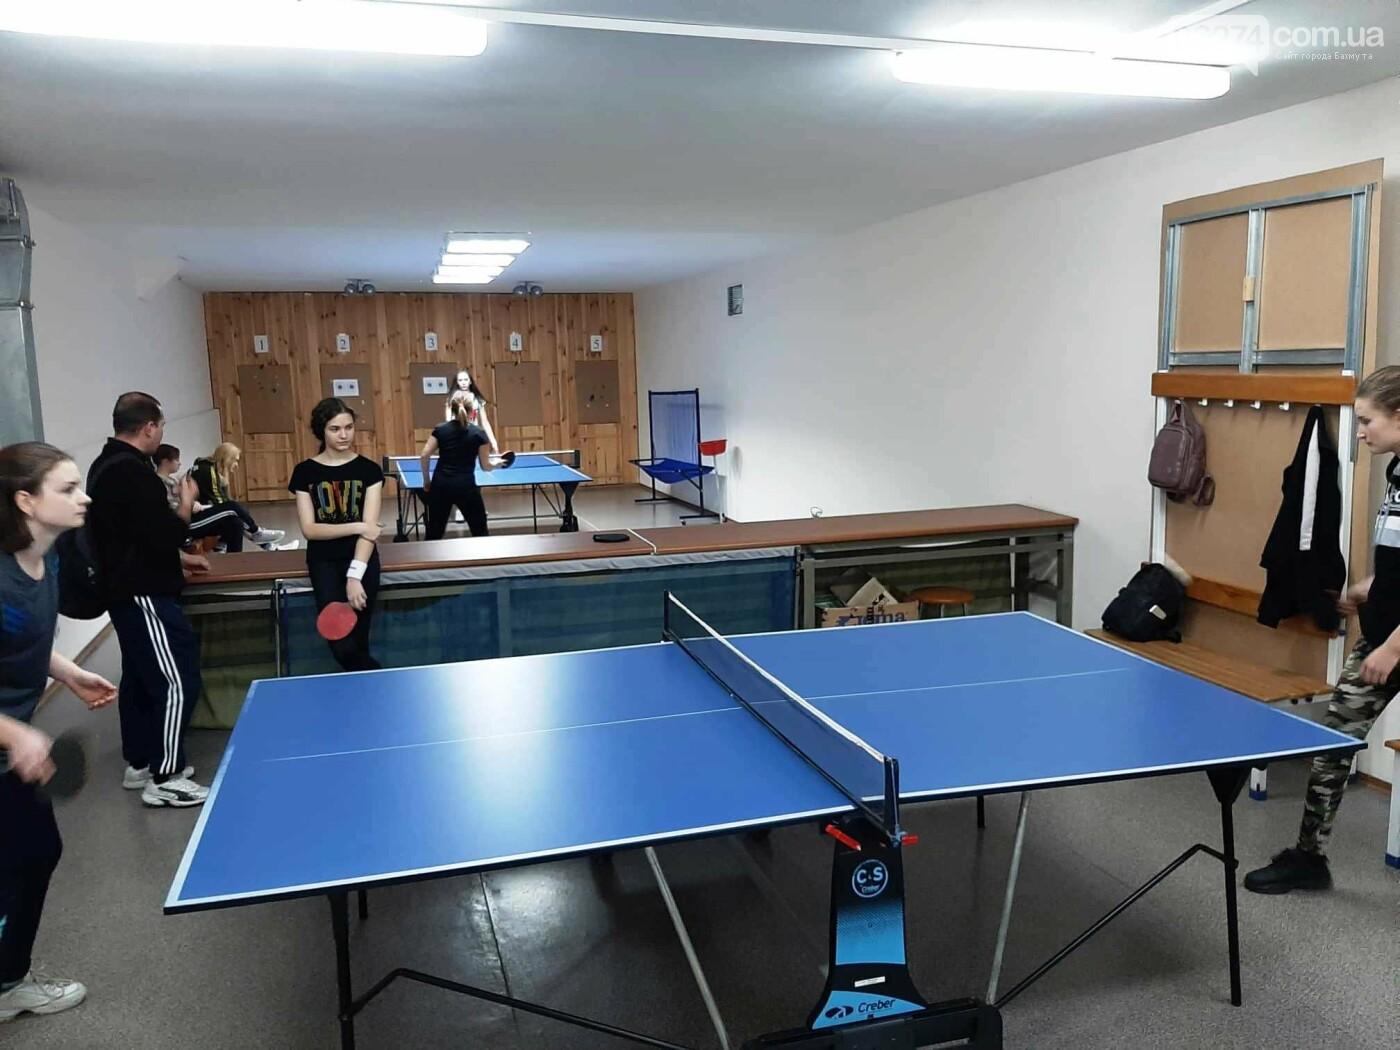 В Бахмуте стартовали соревнования по настольному теннису, фото-1